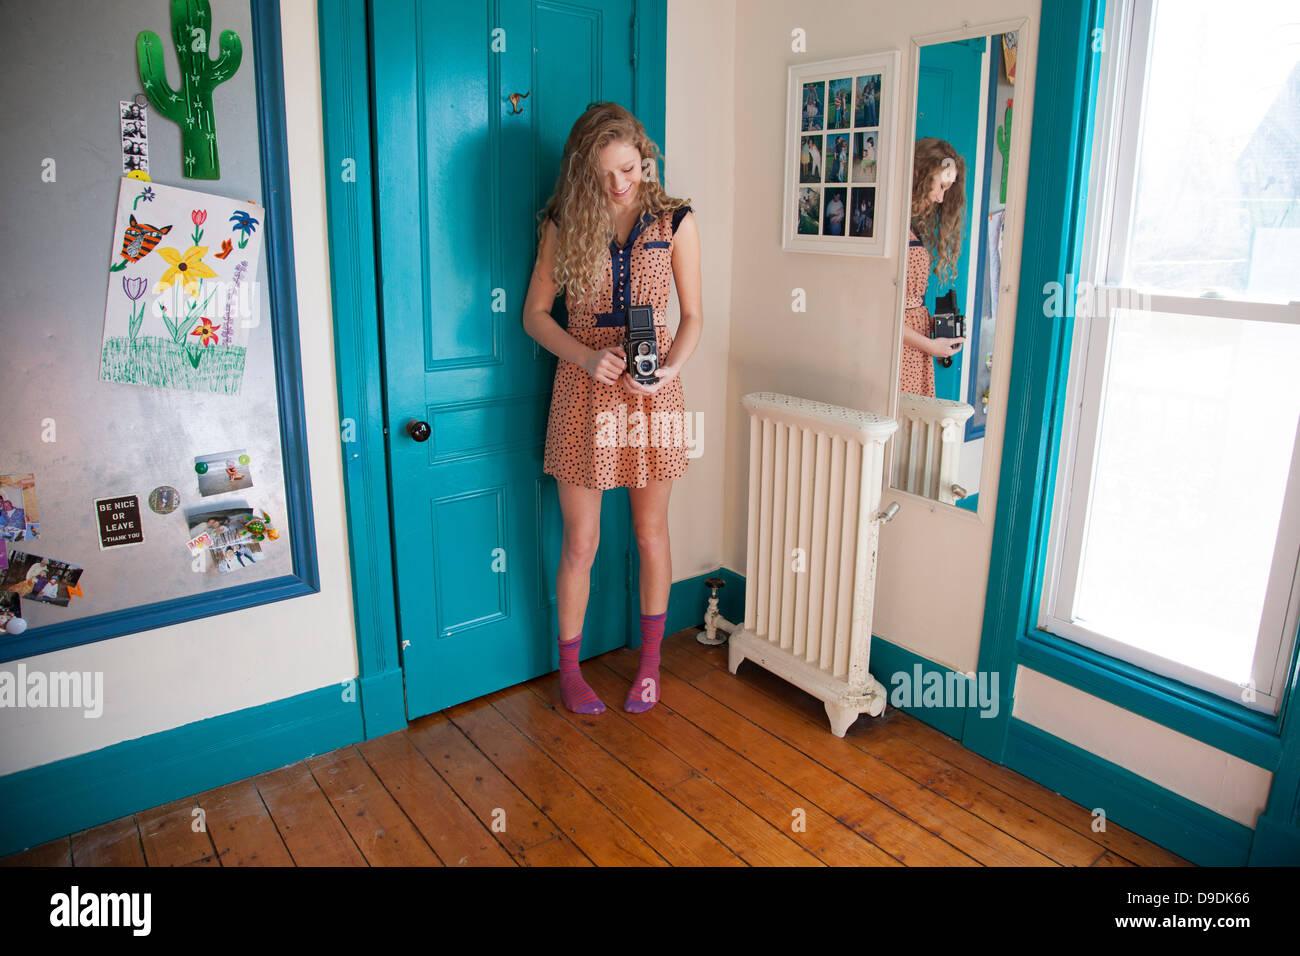 Adolescente in piedi in camera da letto con mobili antichi di fotocamera Immagini Stock